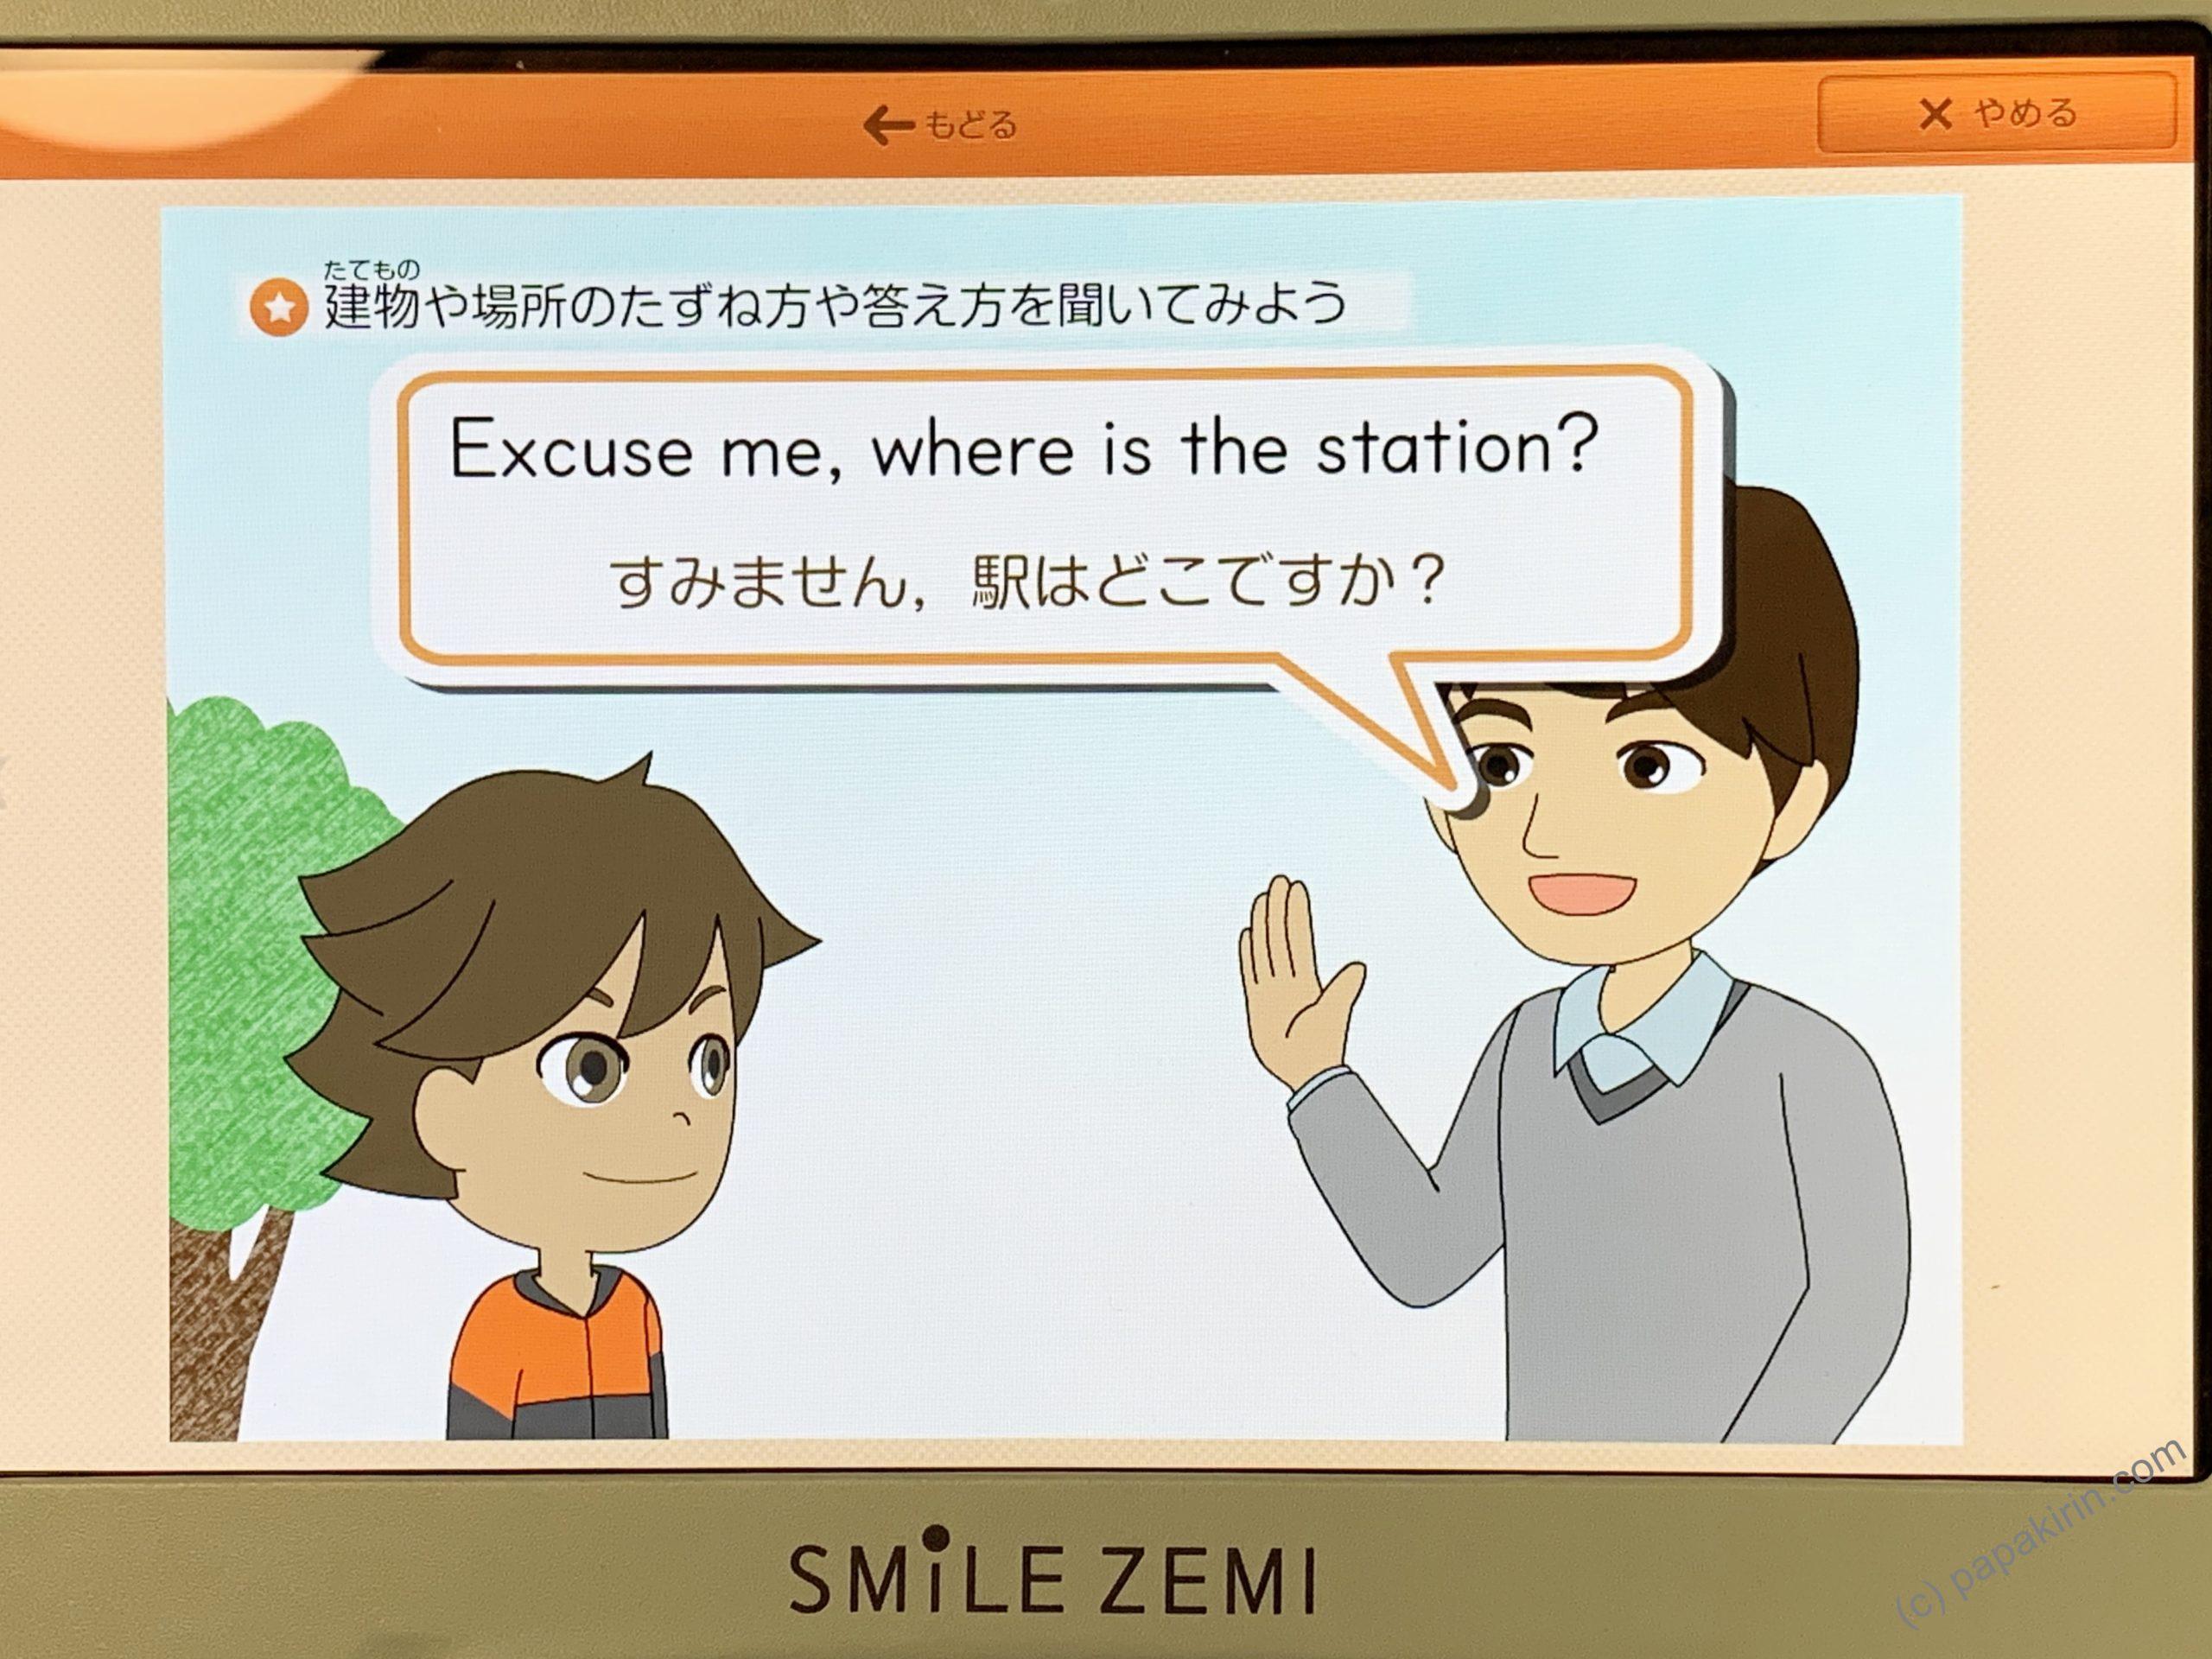 """スマイルゼミの小学4年生の英語の学習画面""""Excuse me, where is the station?"""""""